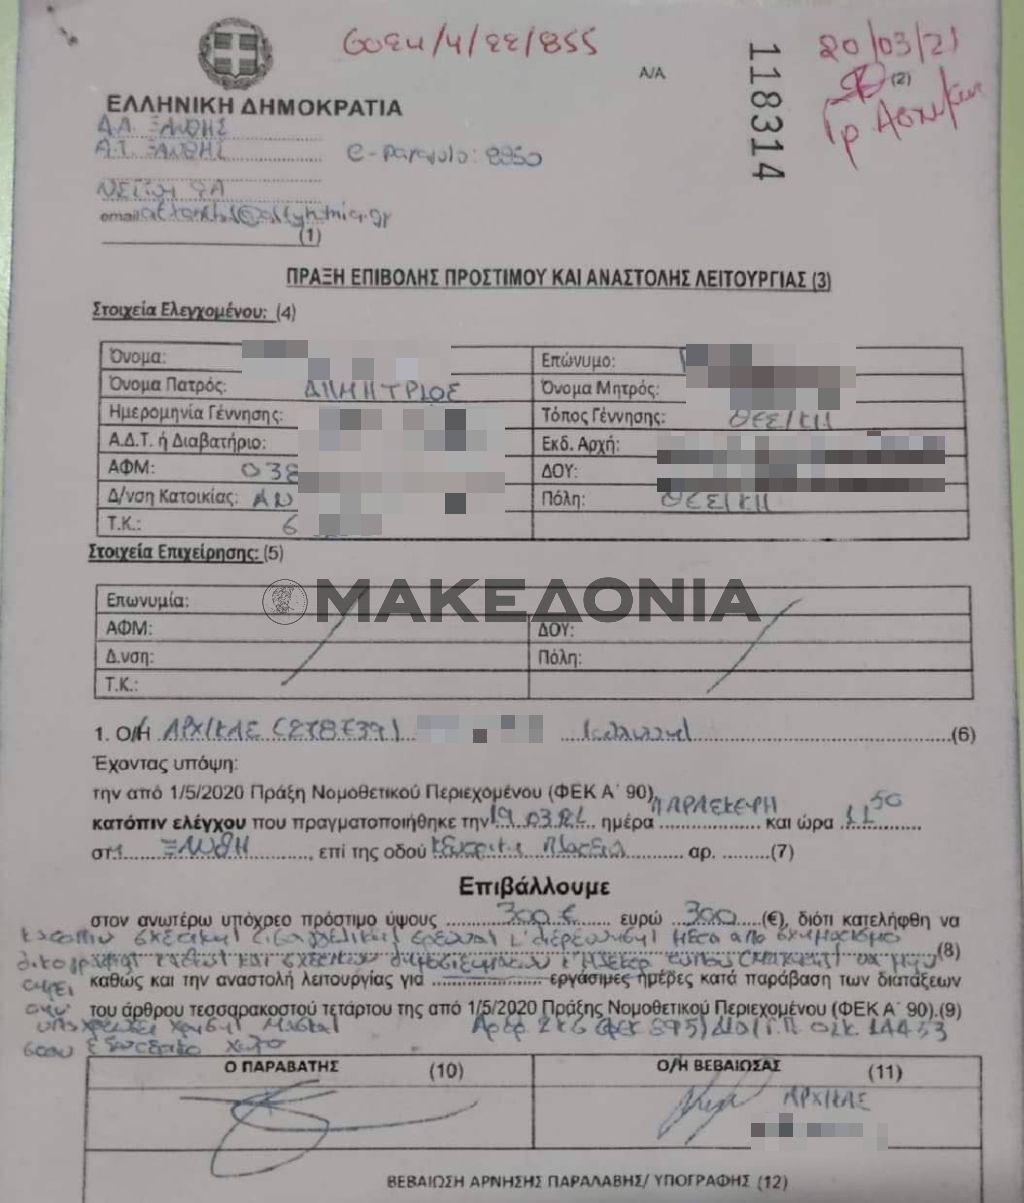 prostimo-koronoios-peiratis-thermaikou.jpg